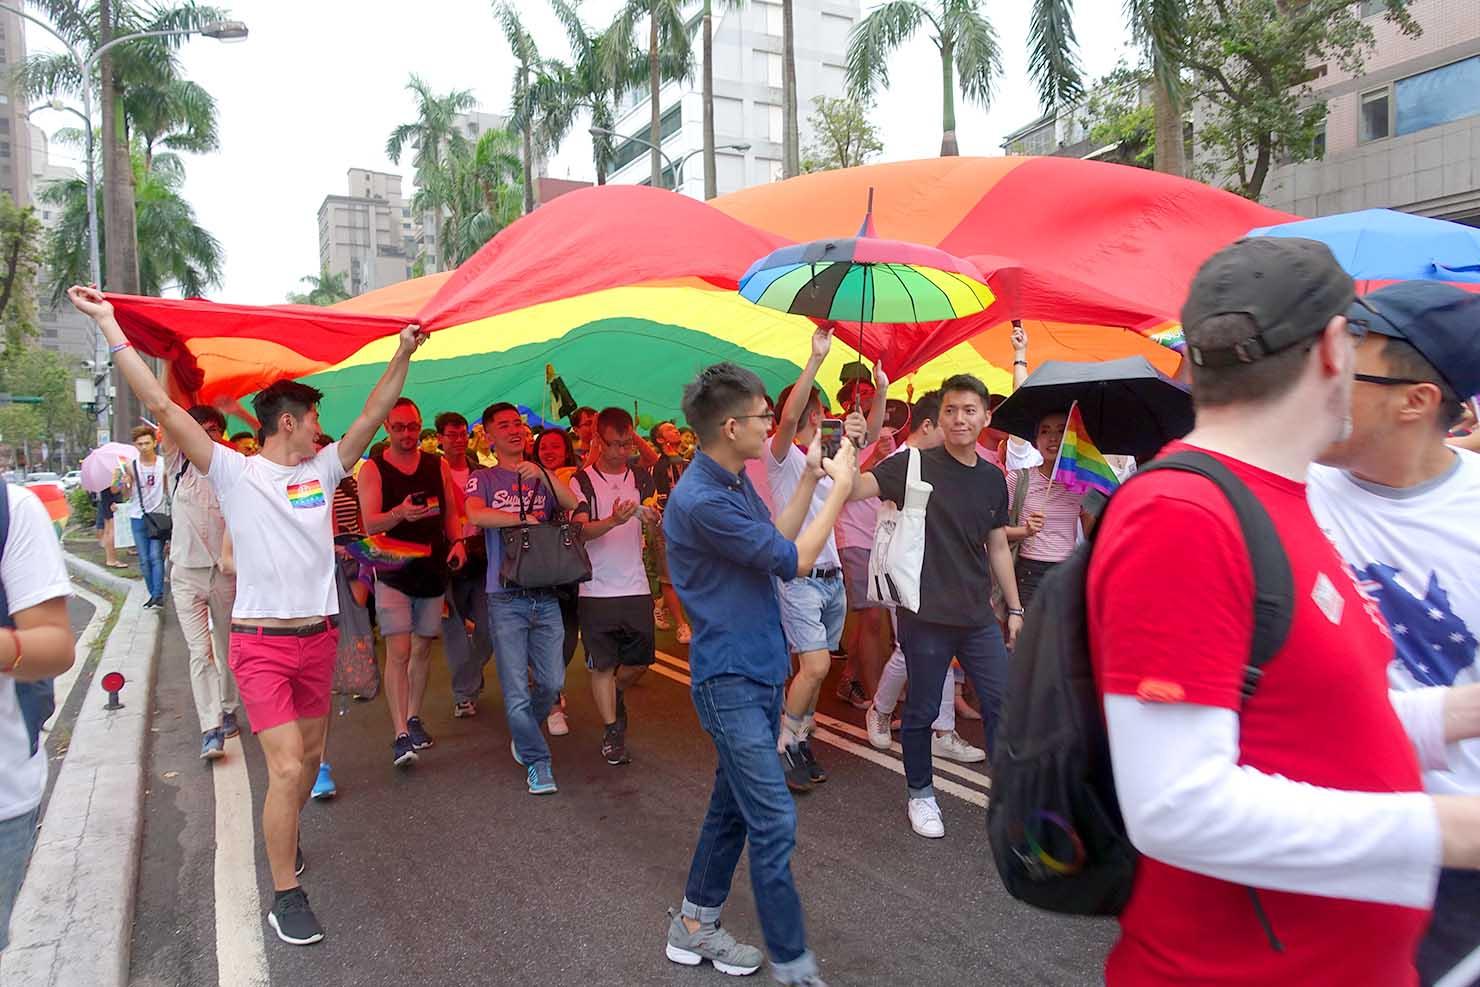 2016台灣同志遊行(台湾LGBTプライド)に登場した超巨大レインボーフラッグ